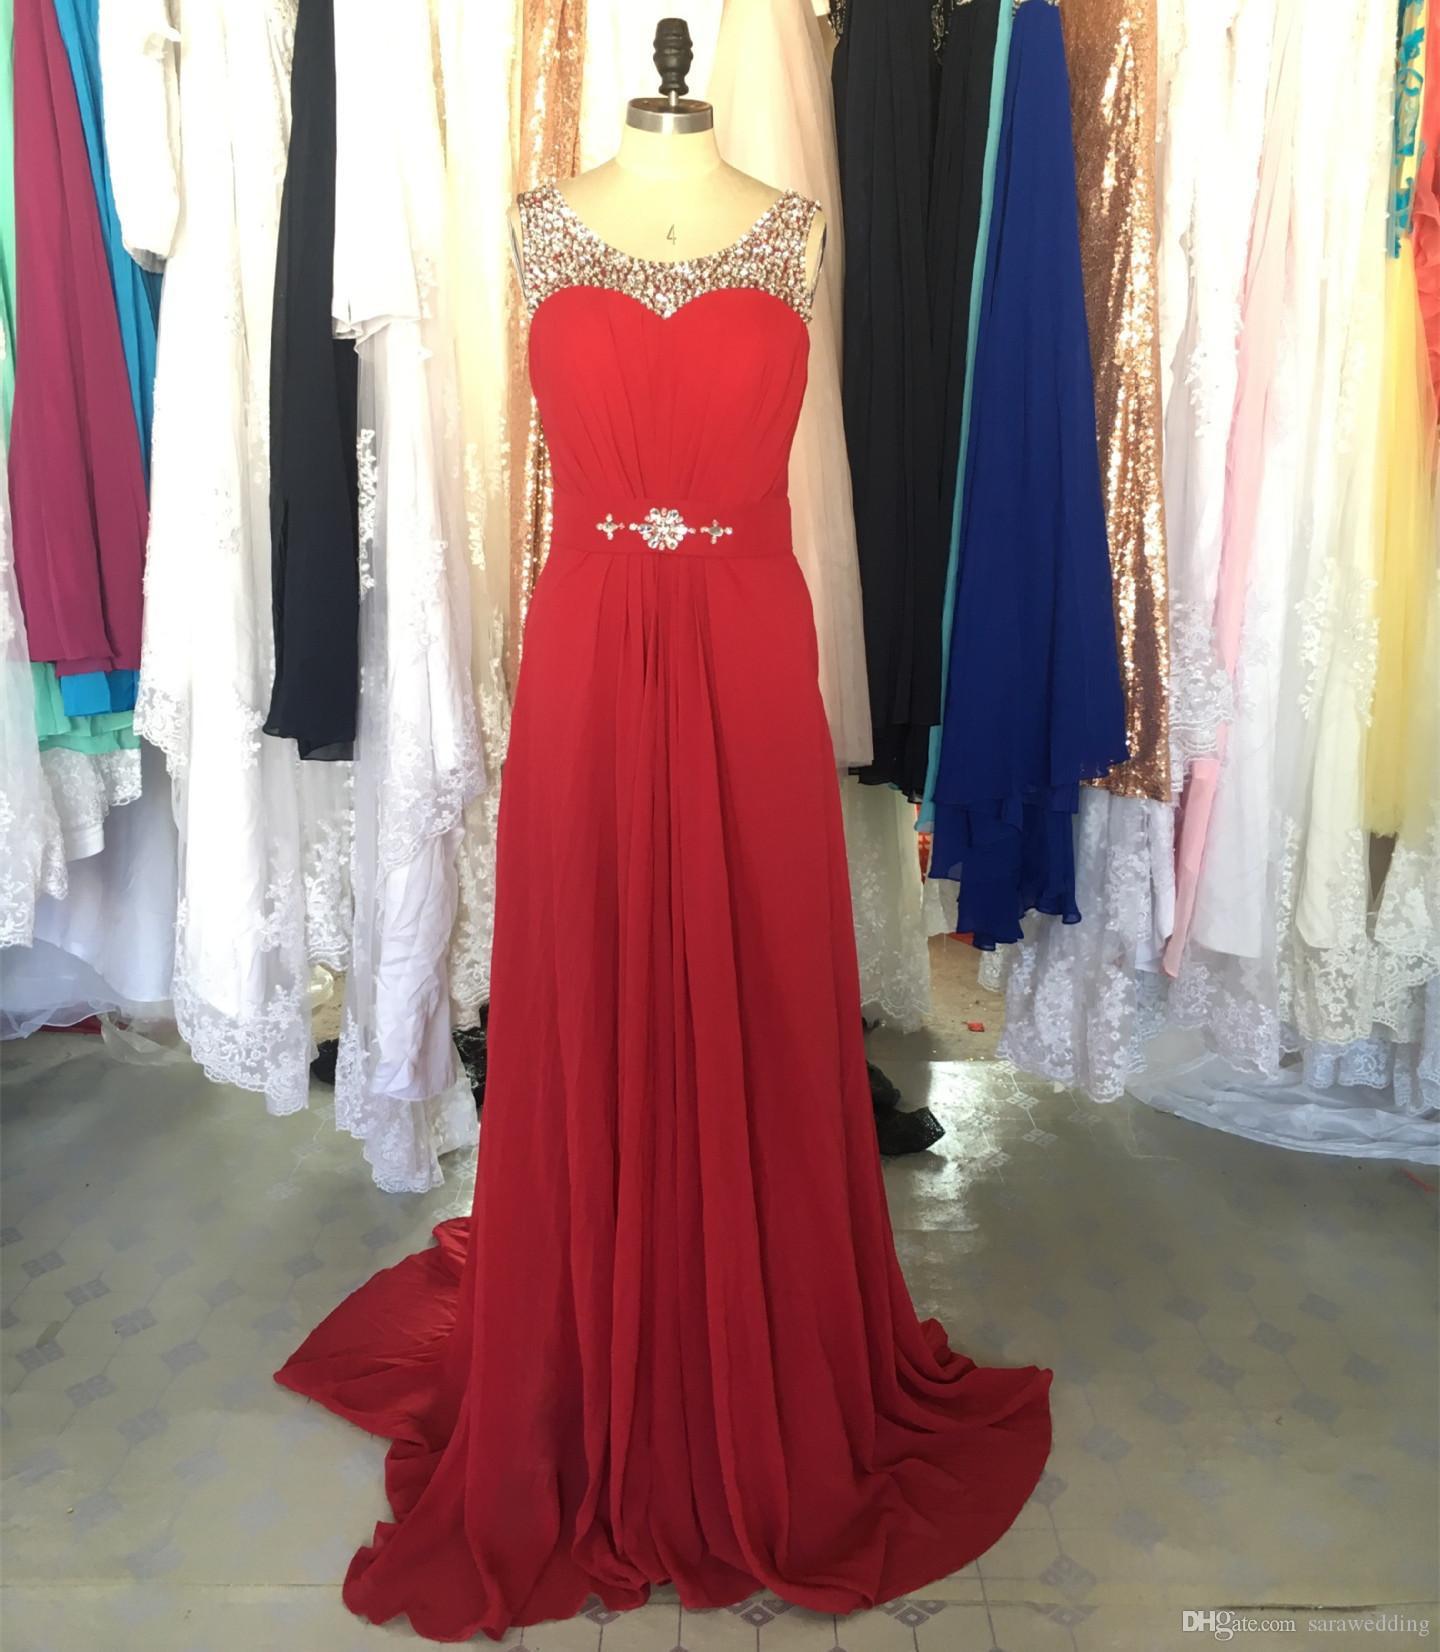 20 Erstaunlich Dunkelrotes Abendkleid Spezialgebiet10 Einzigartig Dunkelrotes Abendkleid Boutique